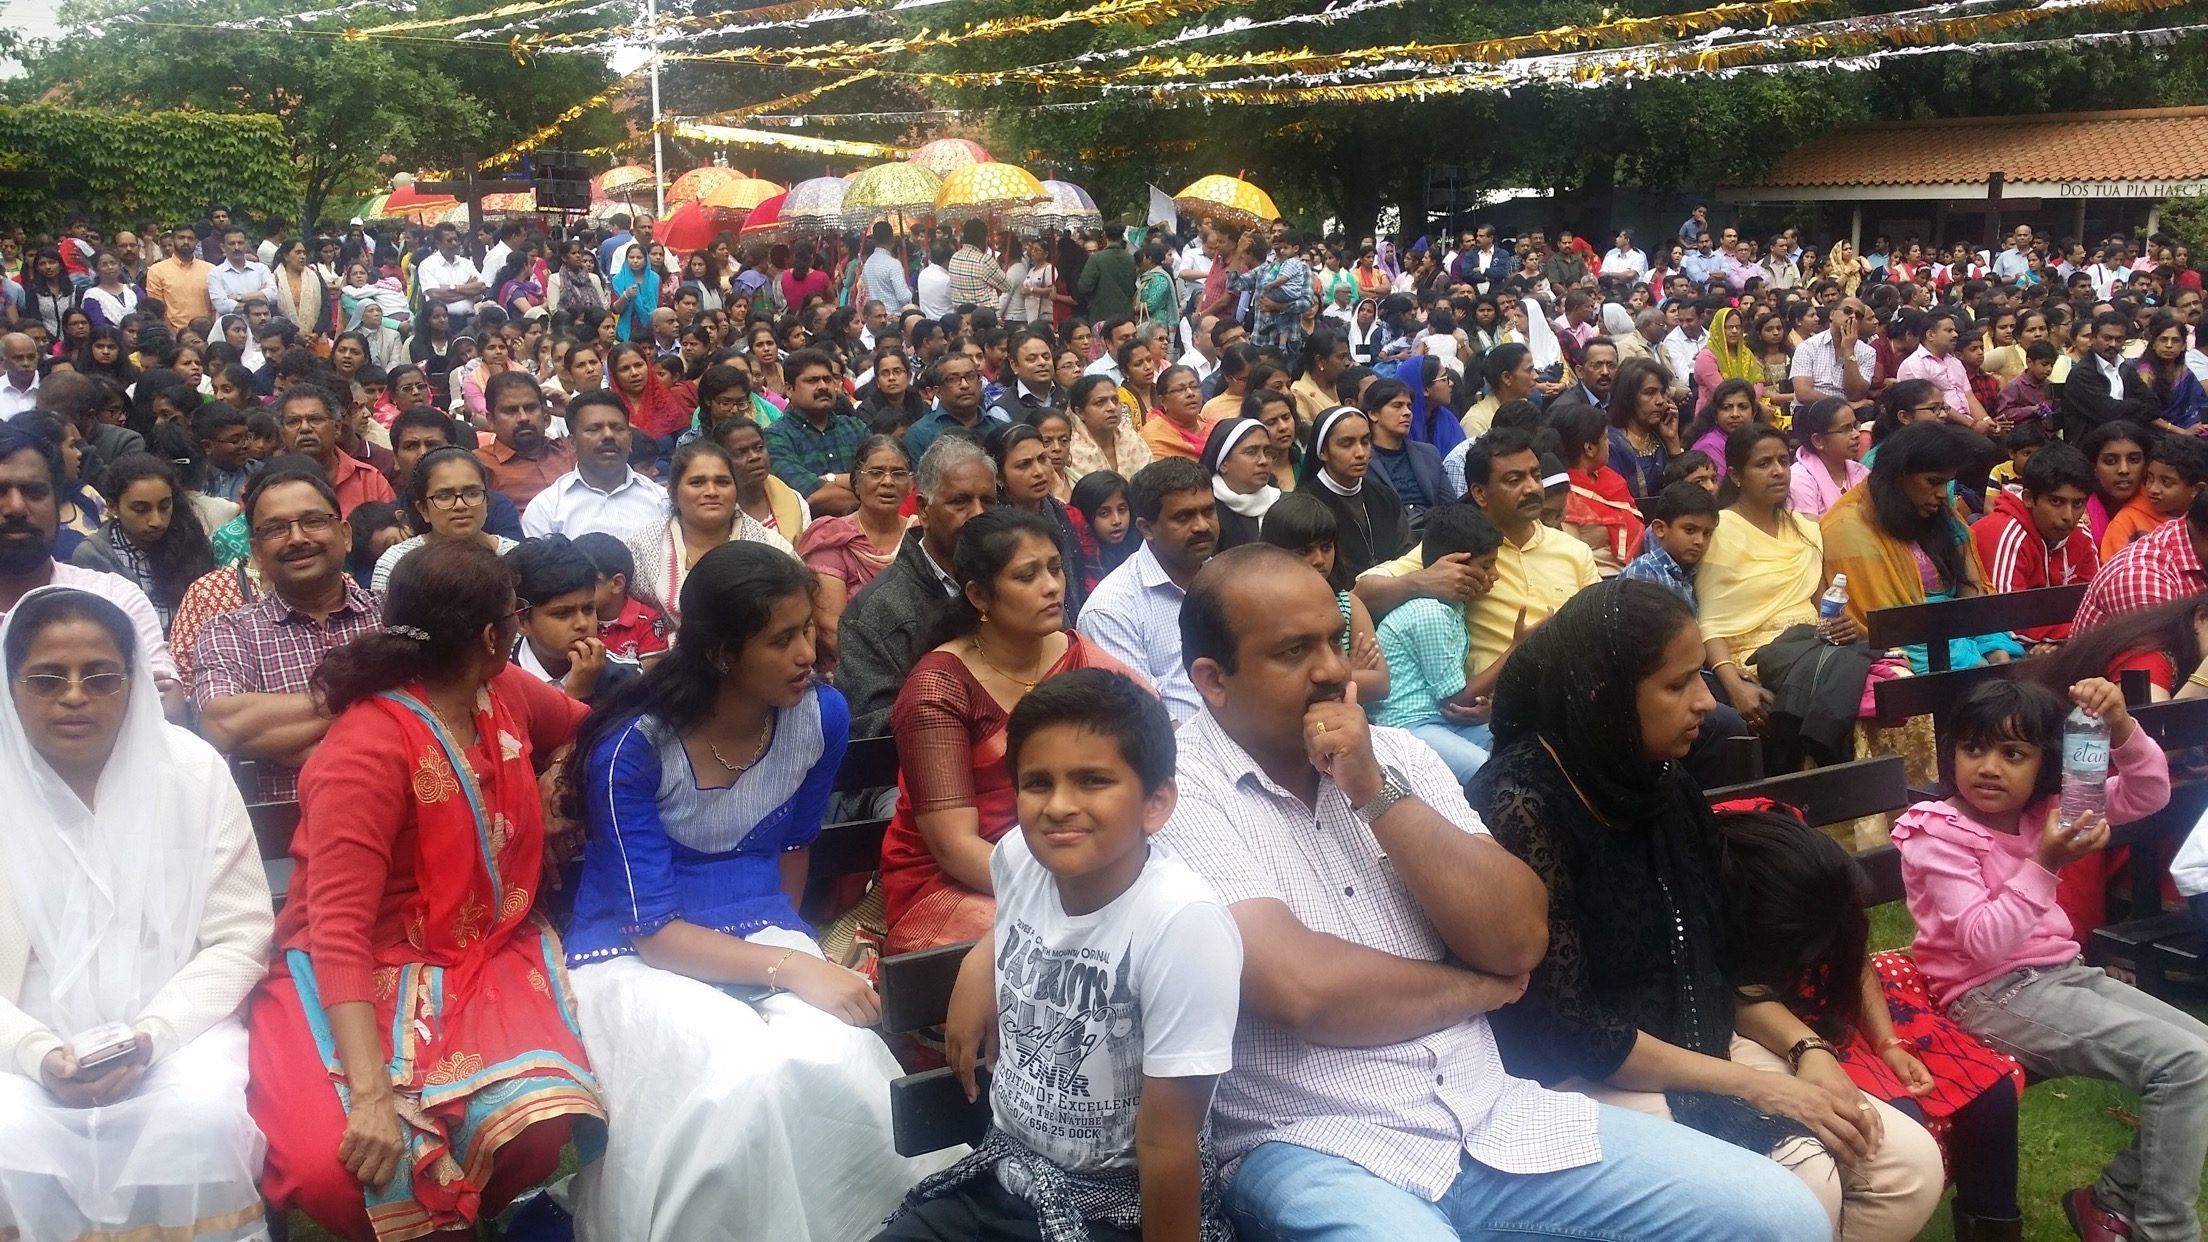 വാല്സിംഹാം ജനസമുദ്രമായി: സീറോ മലബാര് സഭയുടെ പ്രഥമ തീര്ത്ഥാടനത്തിനെത്തിയത് പതിനായിരത്തിൽപരം വിശ്വാസികൾ…